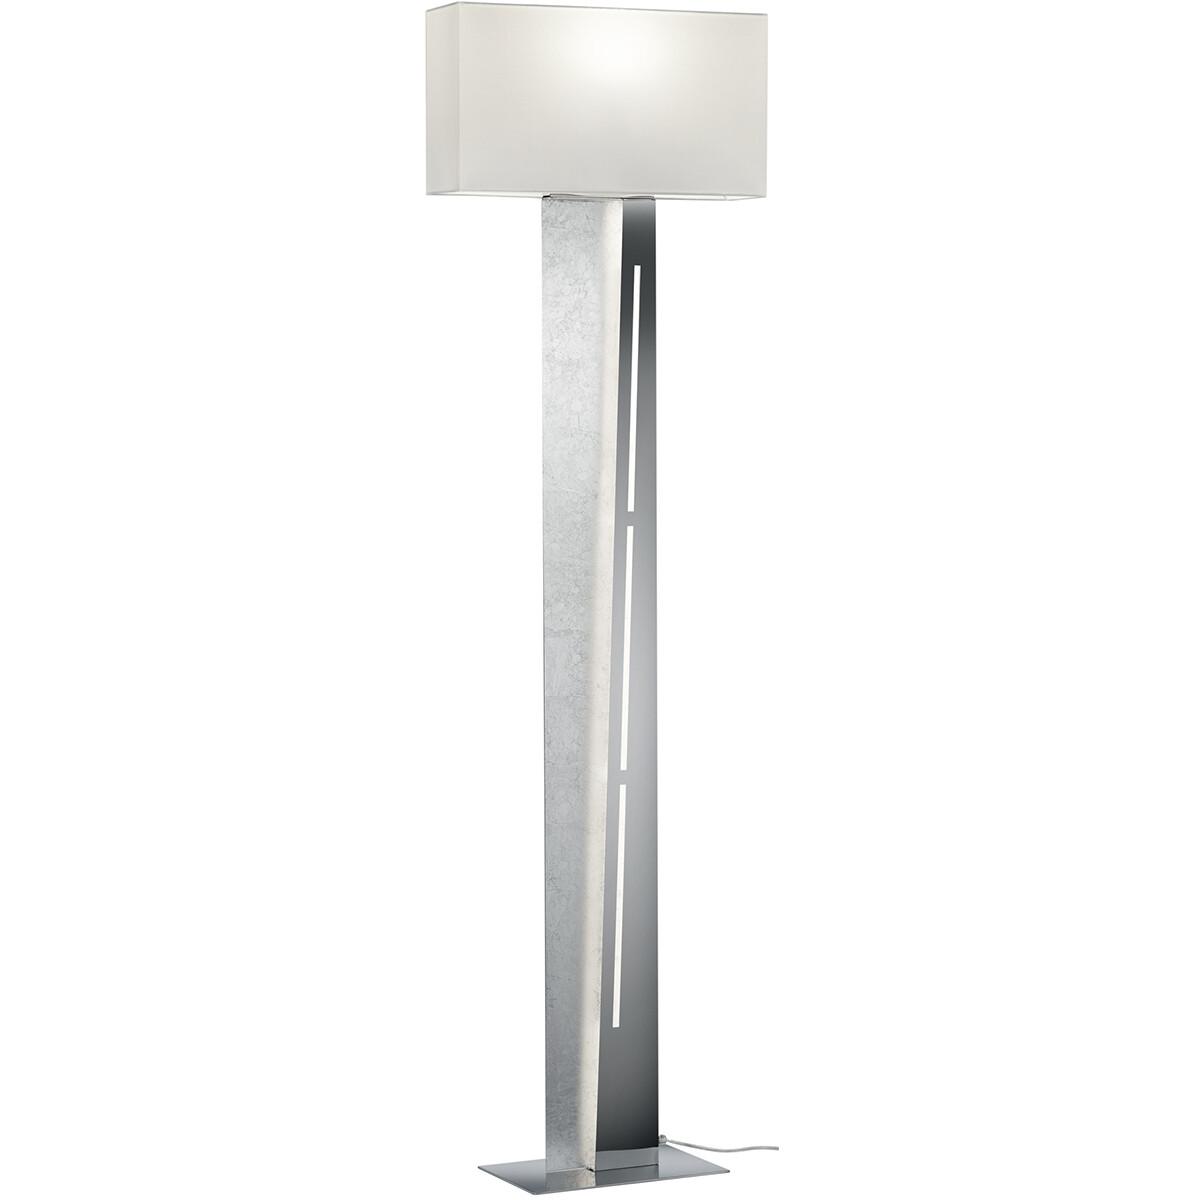 LED Vloerlamp - Trion Nesta - E27 Fitting - 13W - Warm Wit 3000K - Rond - Mat Zilver - Aluminium